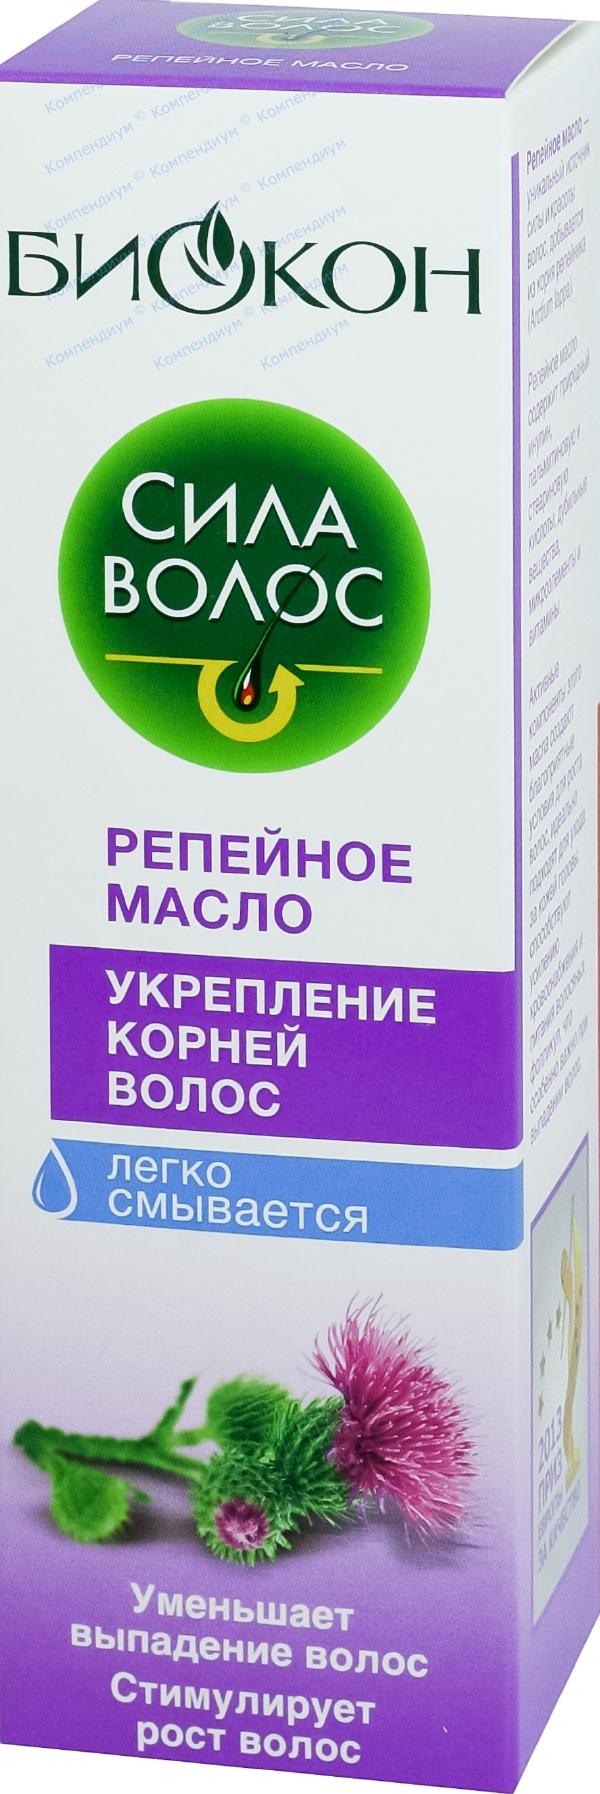 Репейное масло Сила волос 100 мл